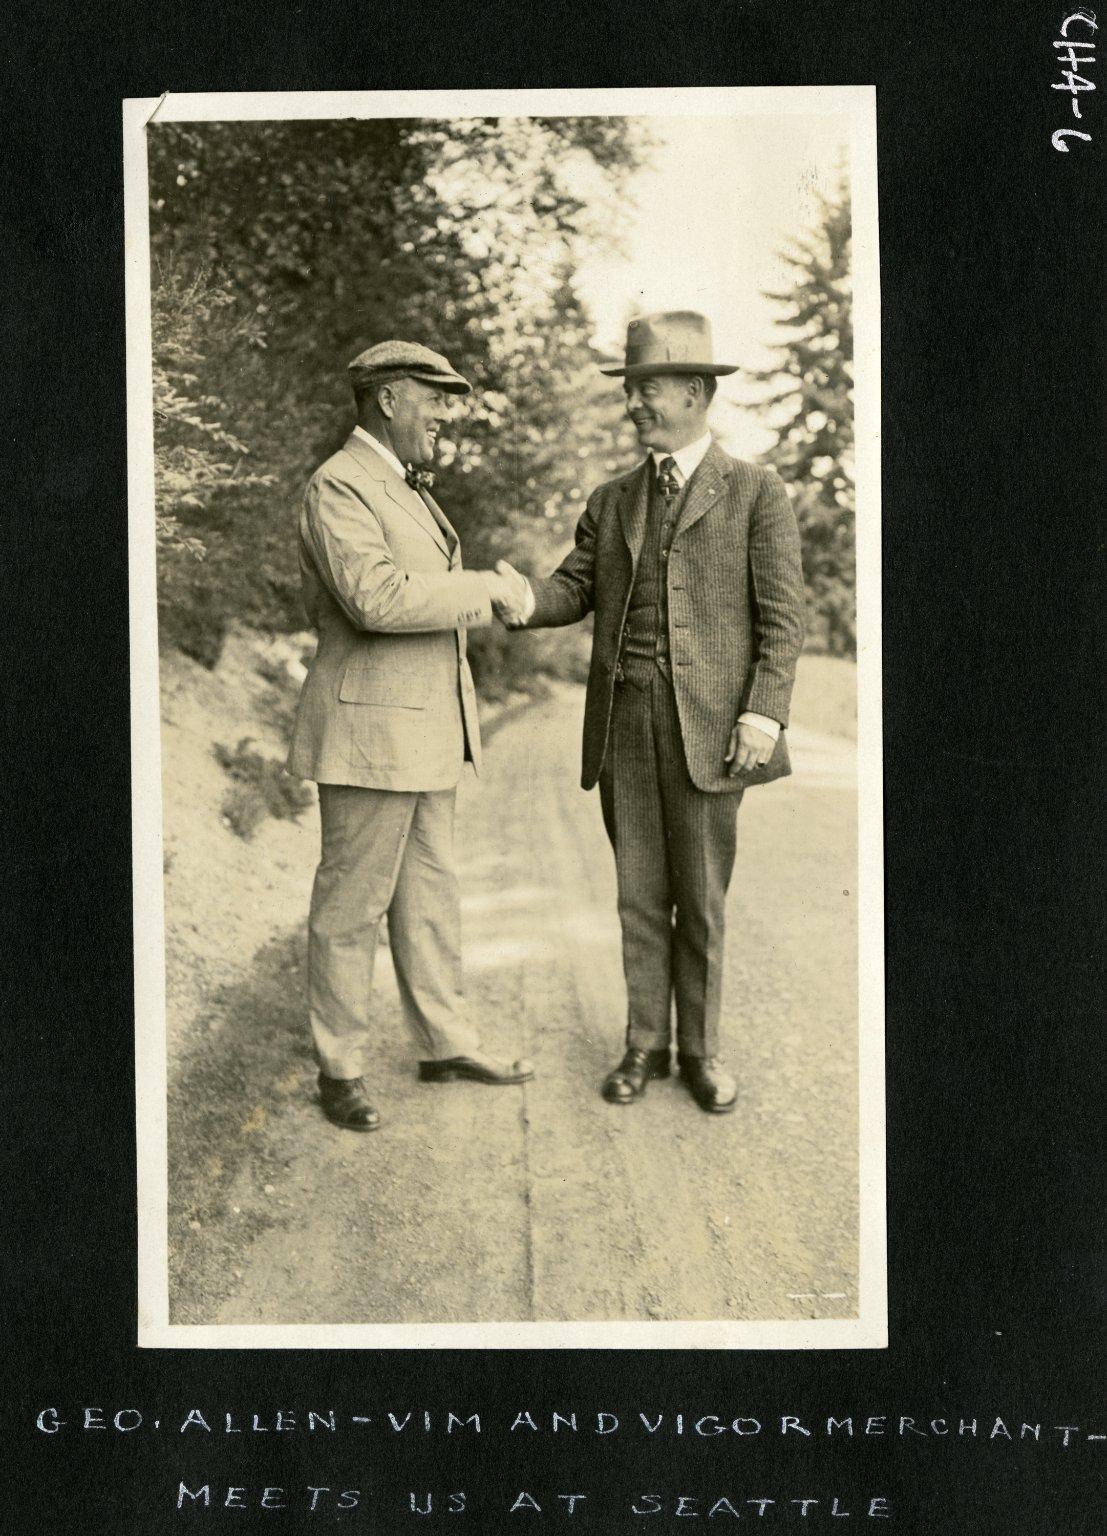 Georg Allen and Harry C. James